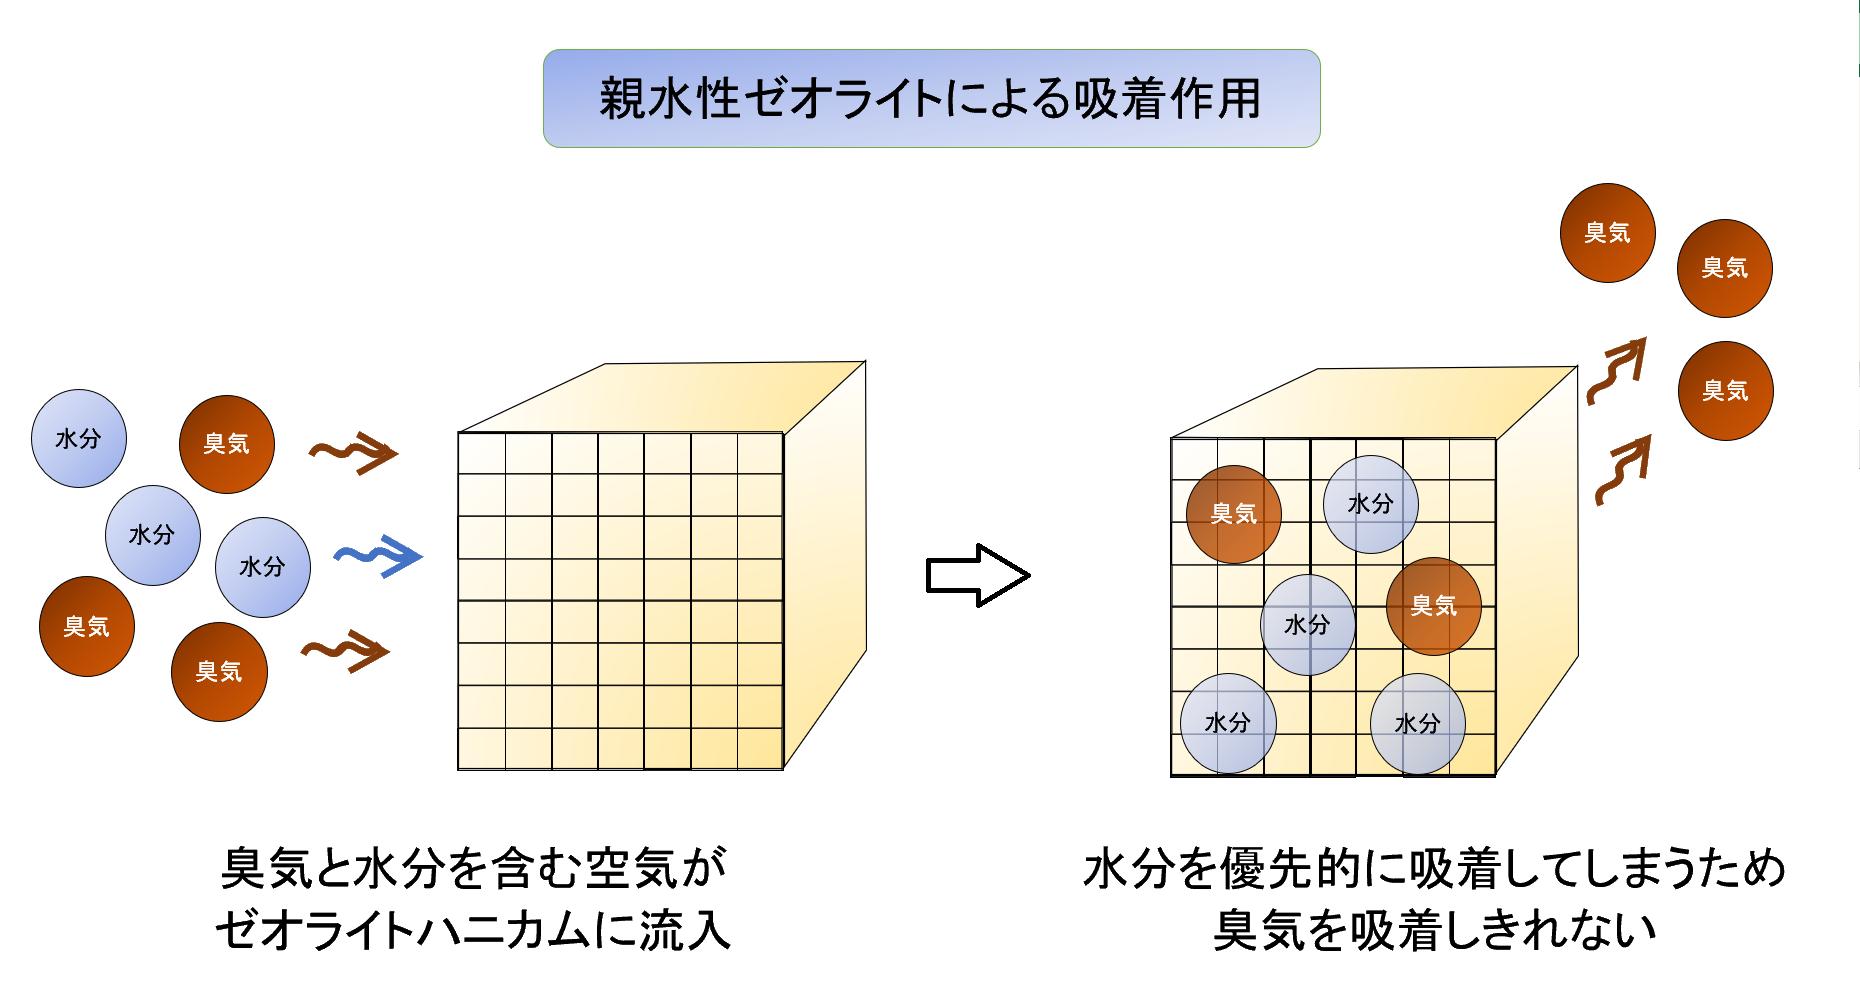 ゼオライトハニカムの動作原理イメージ(1)